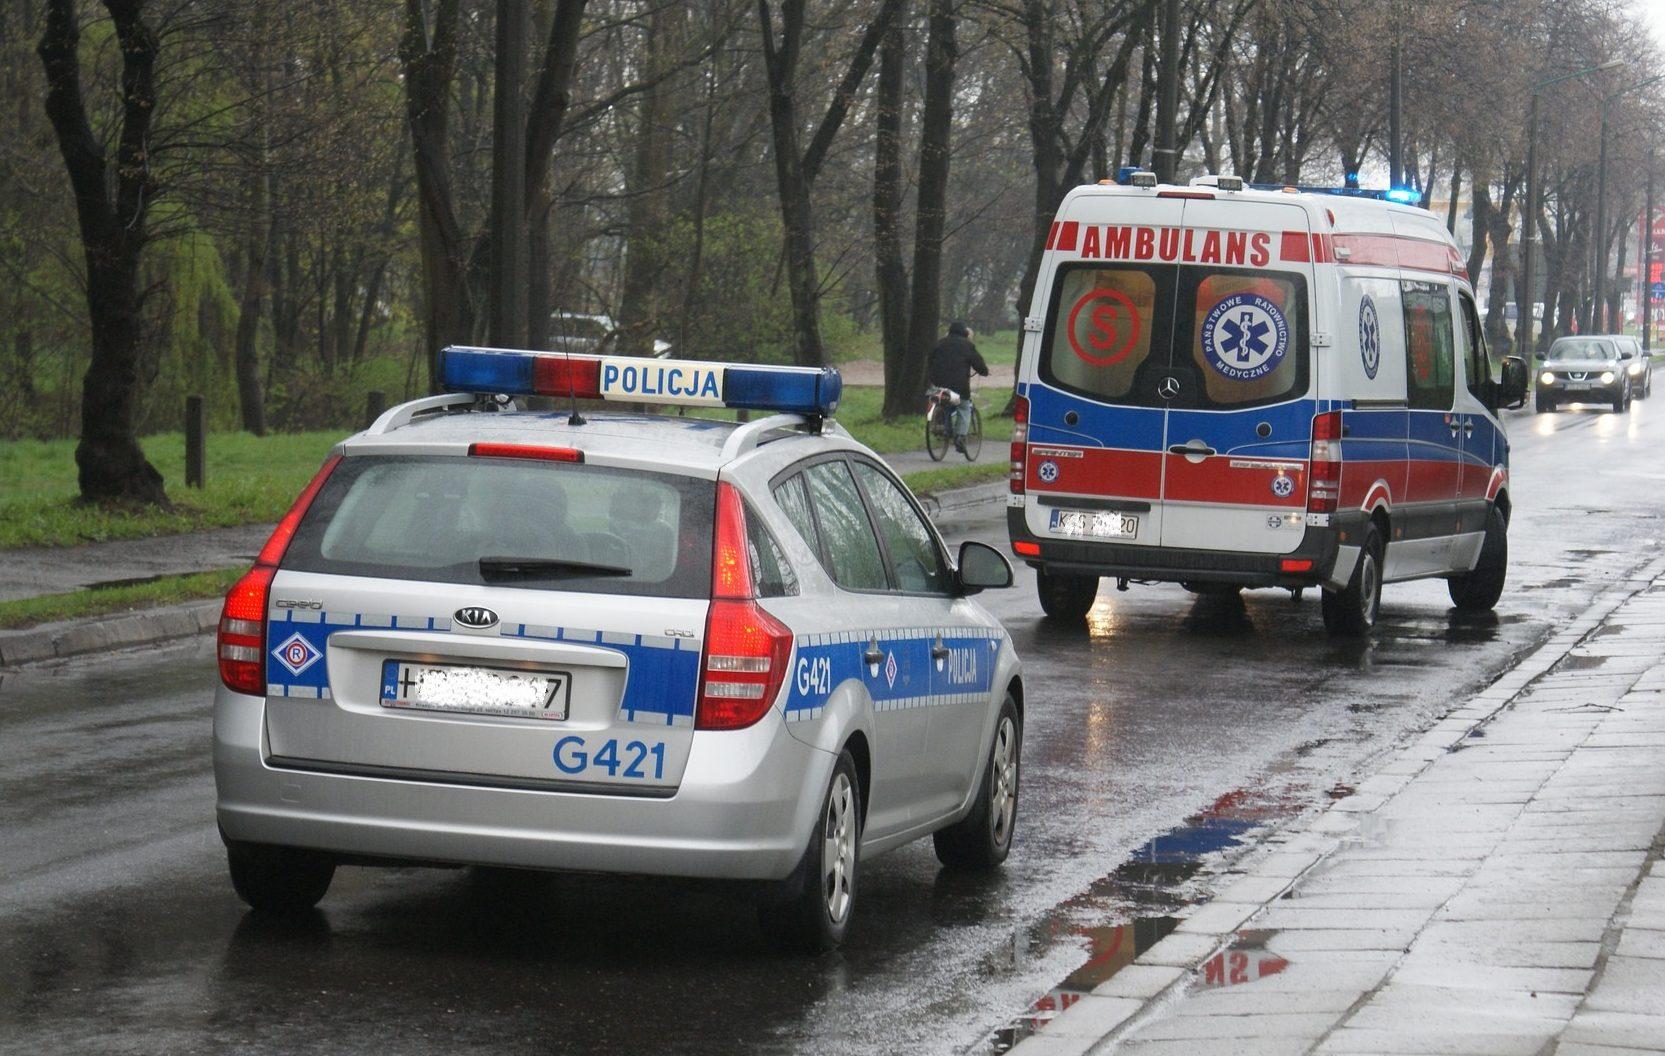 Kierowca zmarł na atak serca, świadkowie bali się koronawirusa. Eksperci radzą, jak ratować bezpiecznie